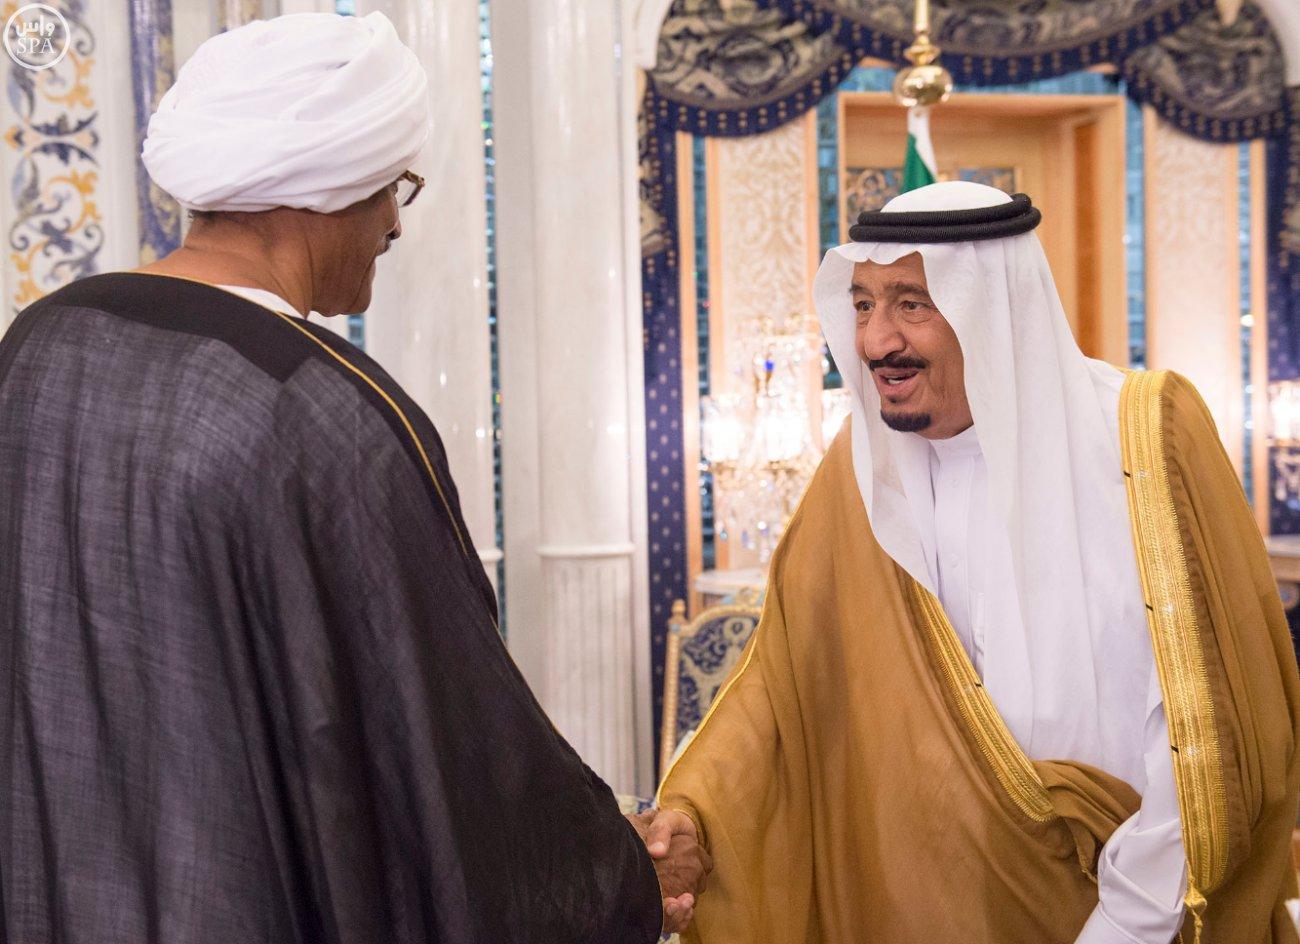 الملك سلمان يستقبل عميد السلك الدبلوماسي ورؤساء المجموعات الدبلوماسية (1)